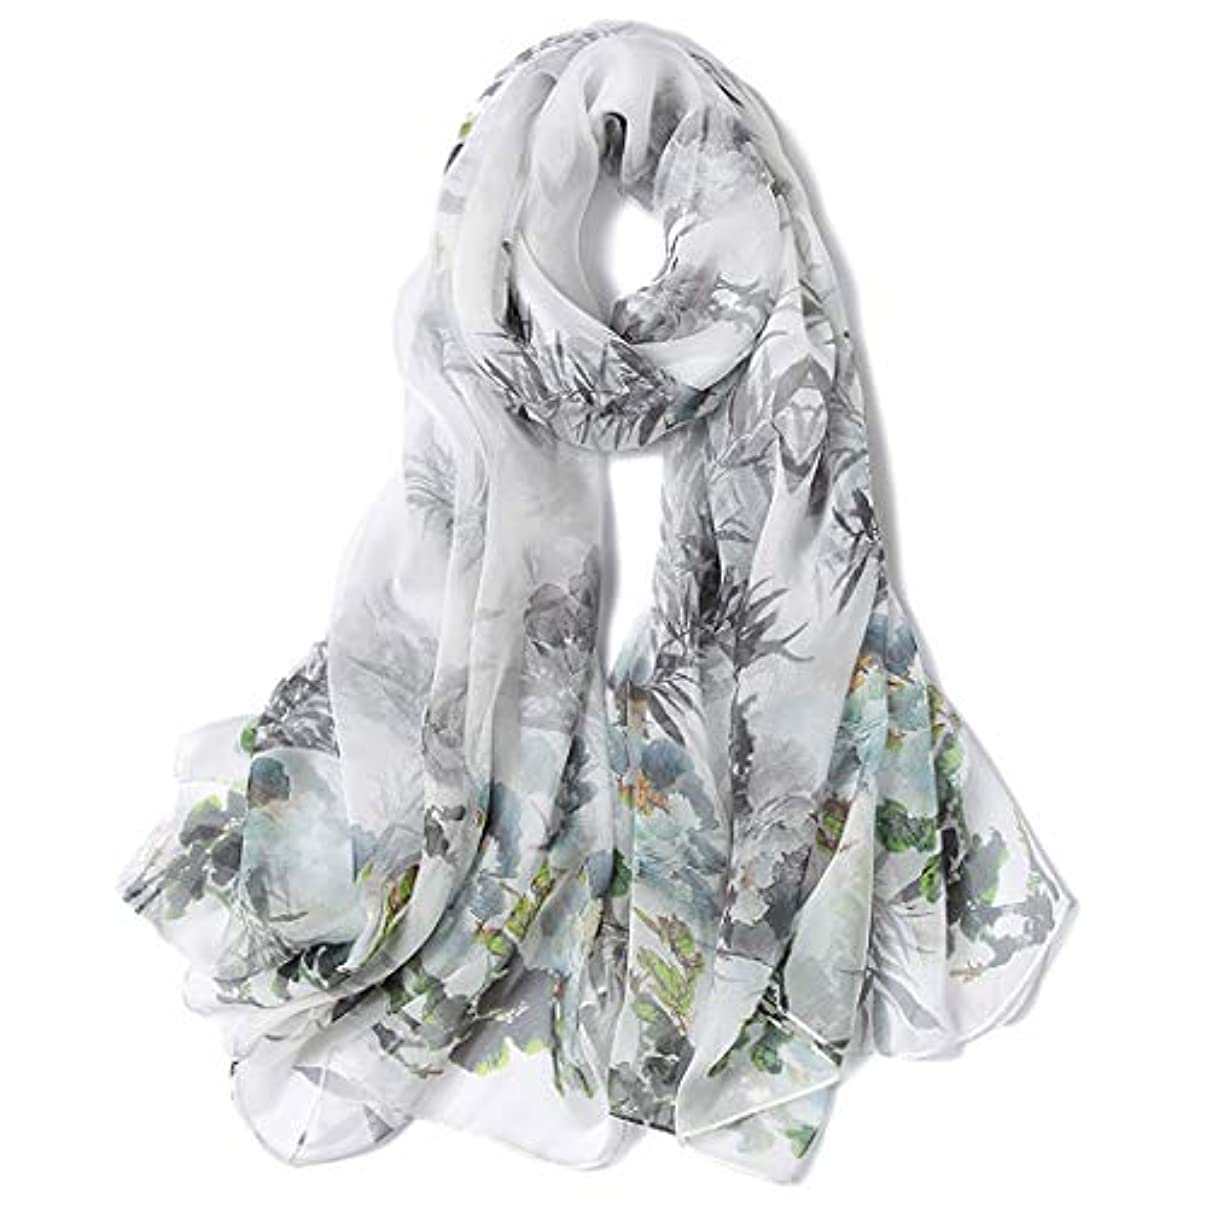 コインケーキ交流する女性の新しい絹のスカーフ、夏の日焼け止めの自然な絹のショール、秋および冬の大きいサイズの野生の長いスカーフの二重使用浜タオル、170 * 110 CM